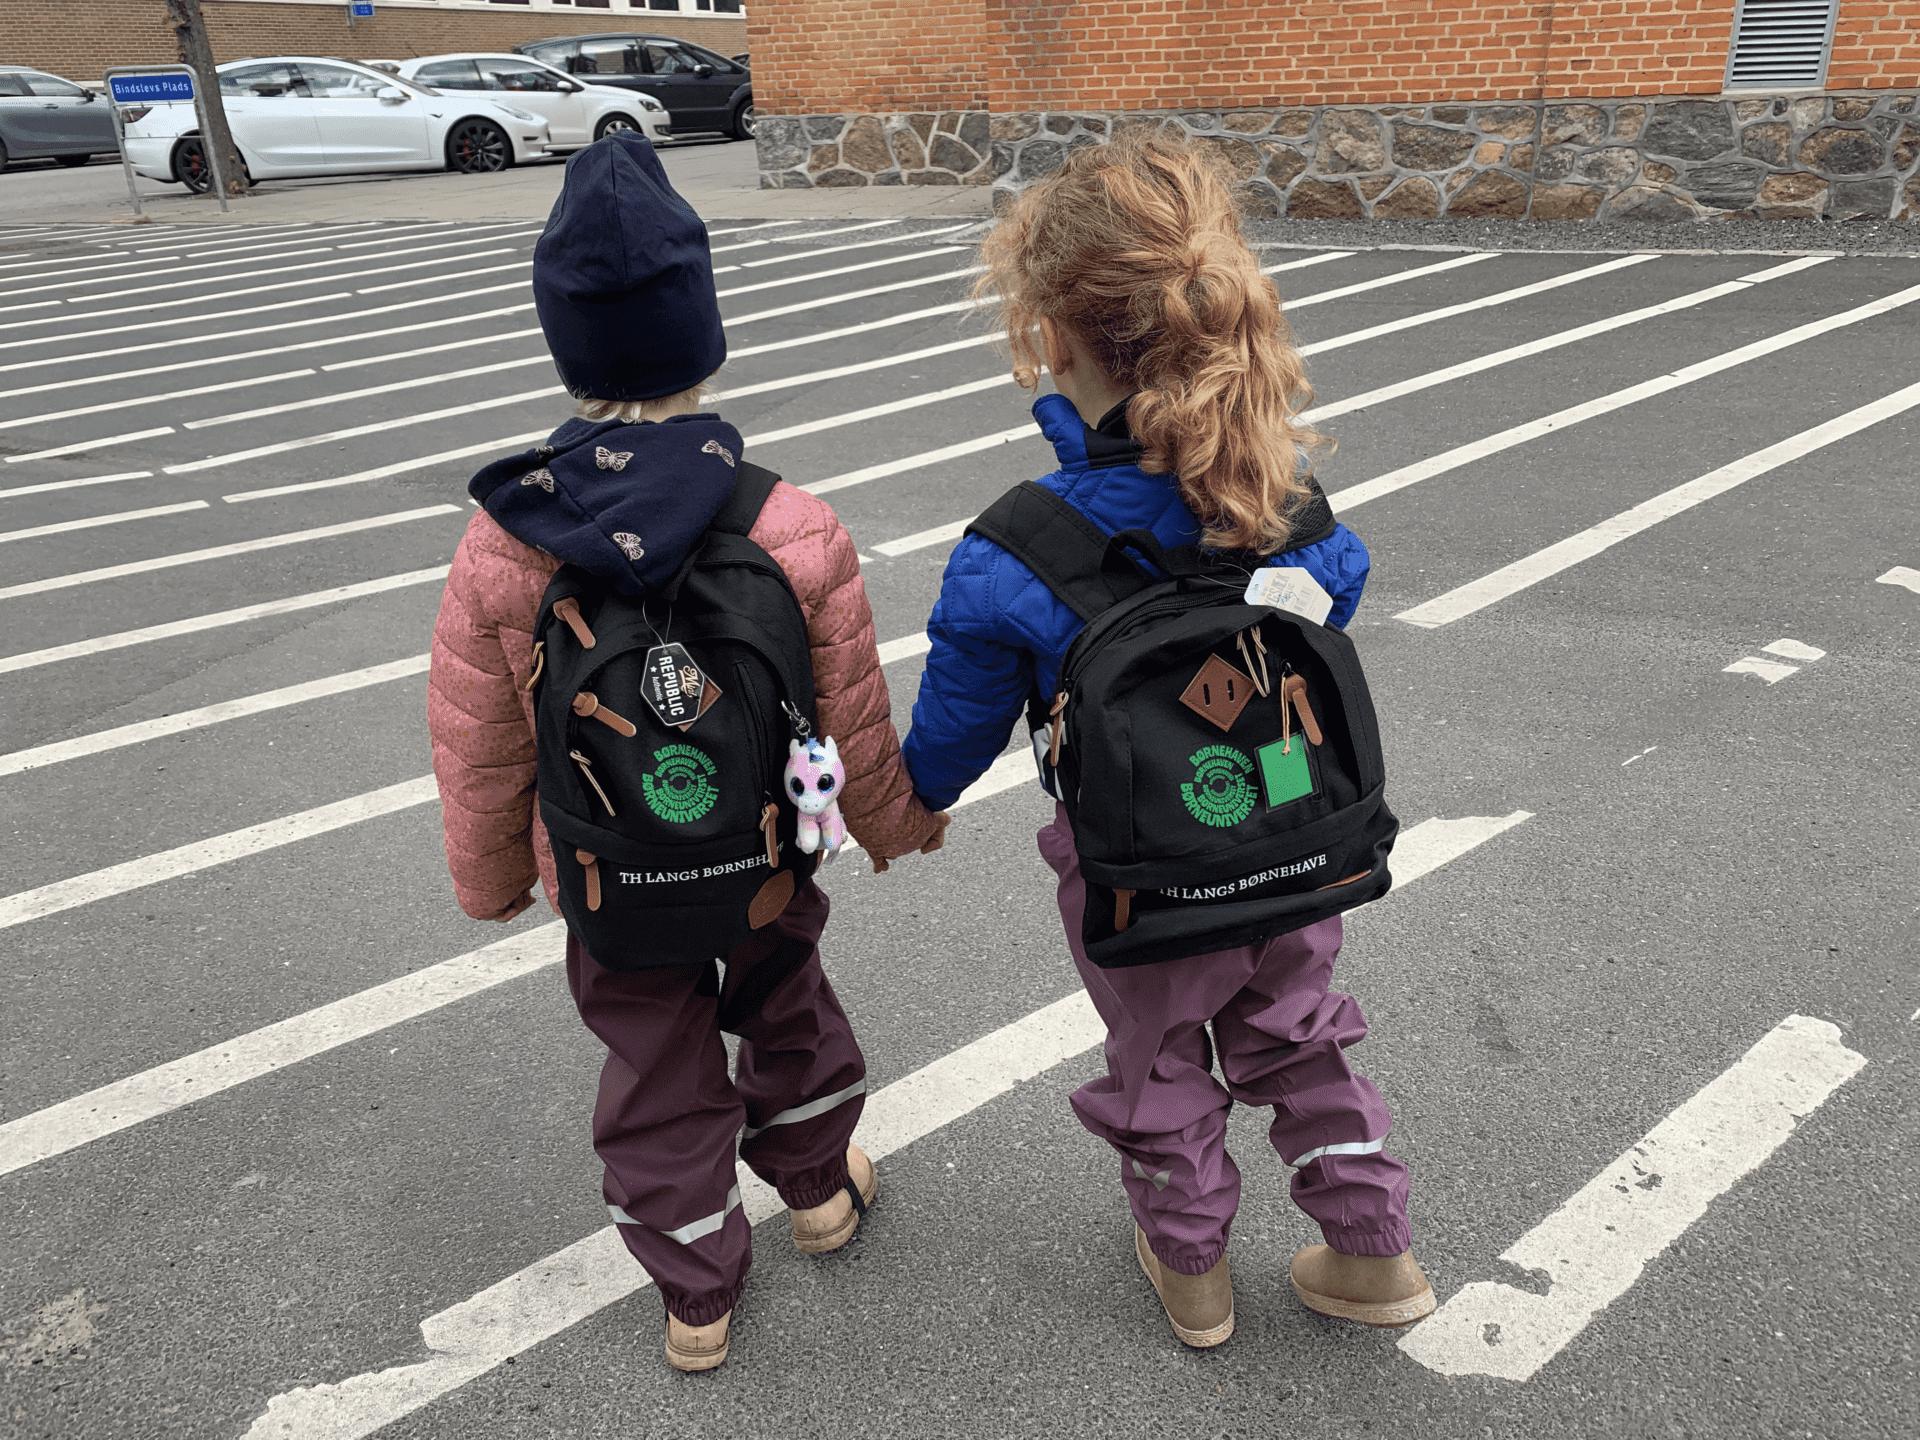 Piger følges i skole